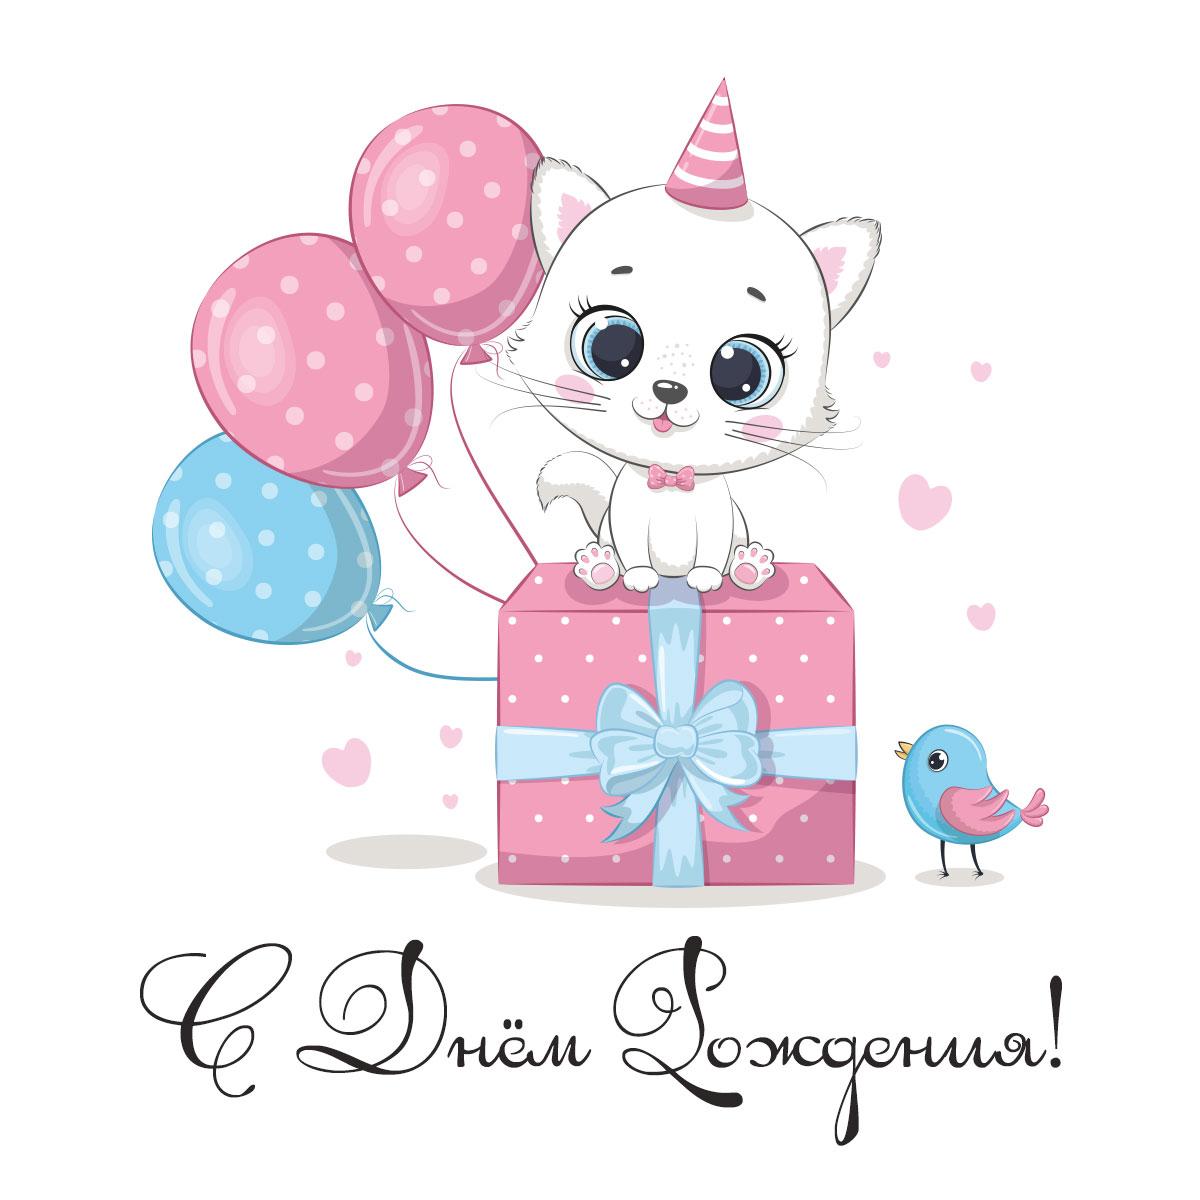 Рисунок котёнка с розовыми и голубыми воздушными шарами.